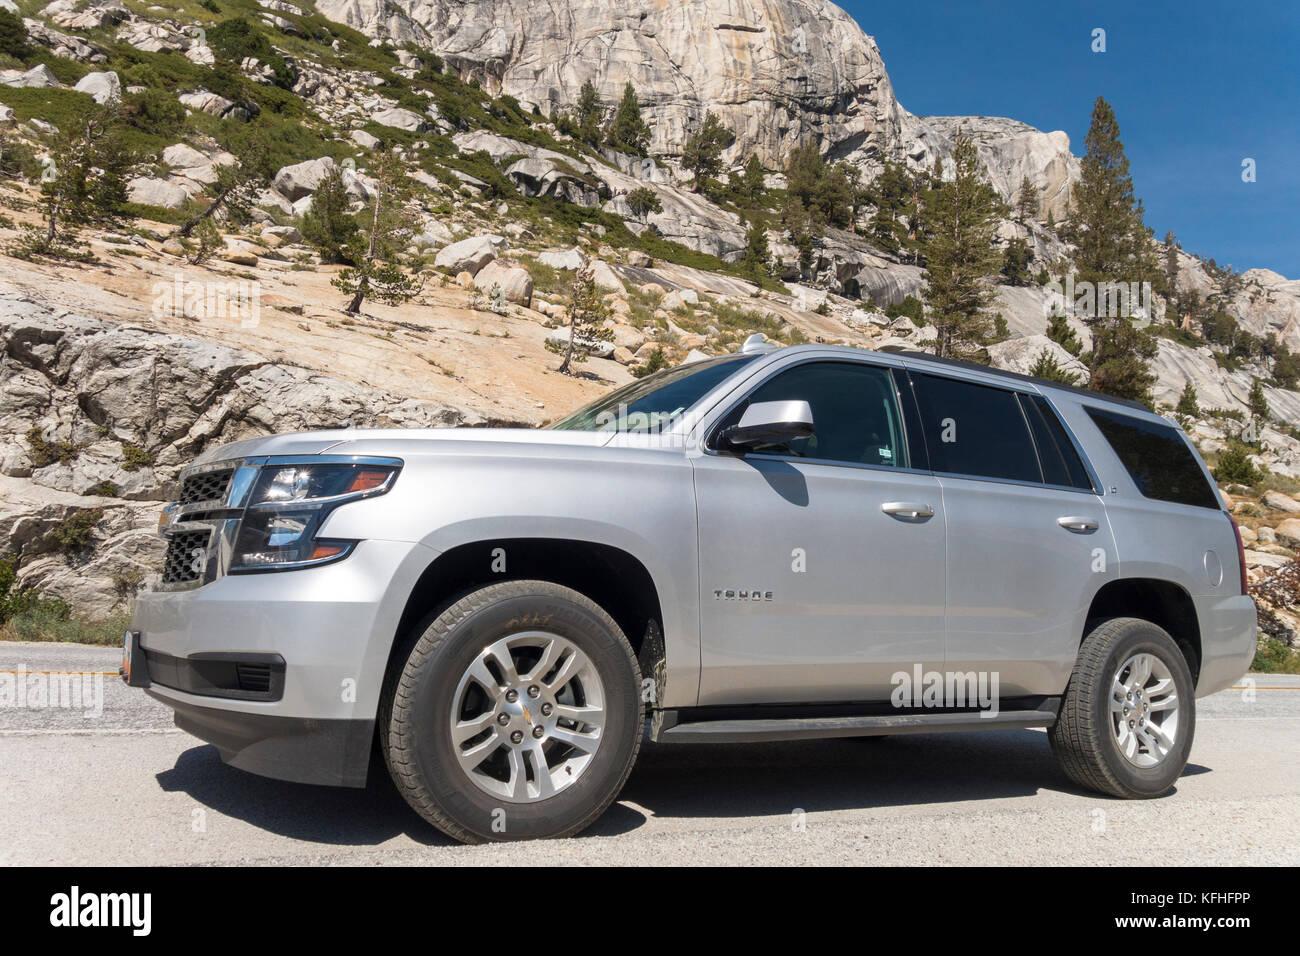 Grossi SUV Chevrolet Tahoe full size SUV nuovo di zecca 2018 Chevy Tahoe LT parcheggiato sulla strada di montagna. Foto Stock